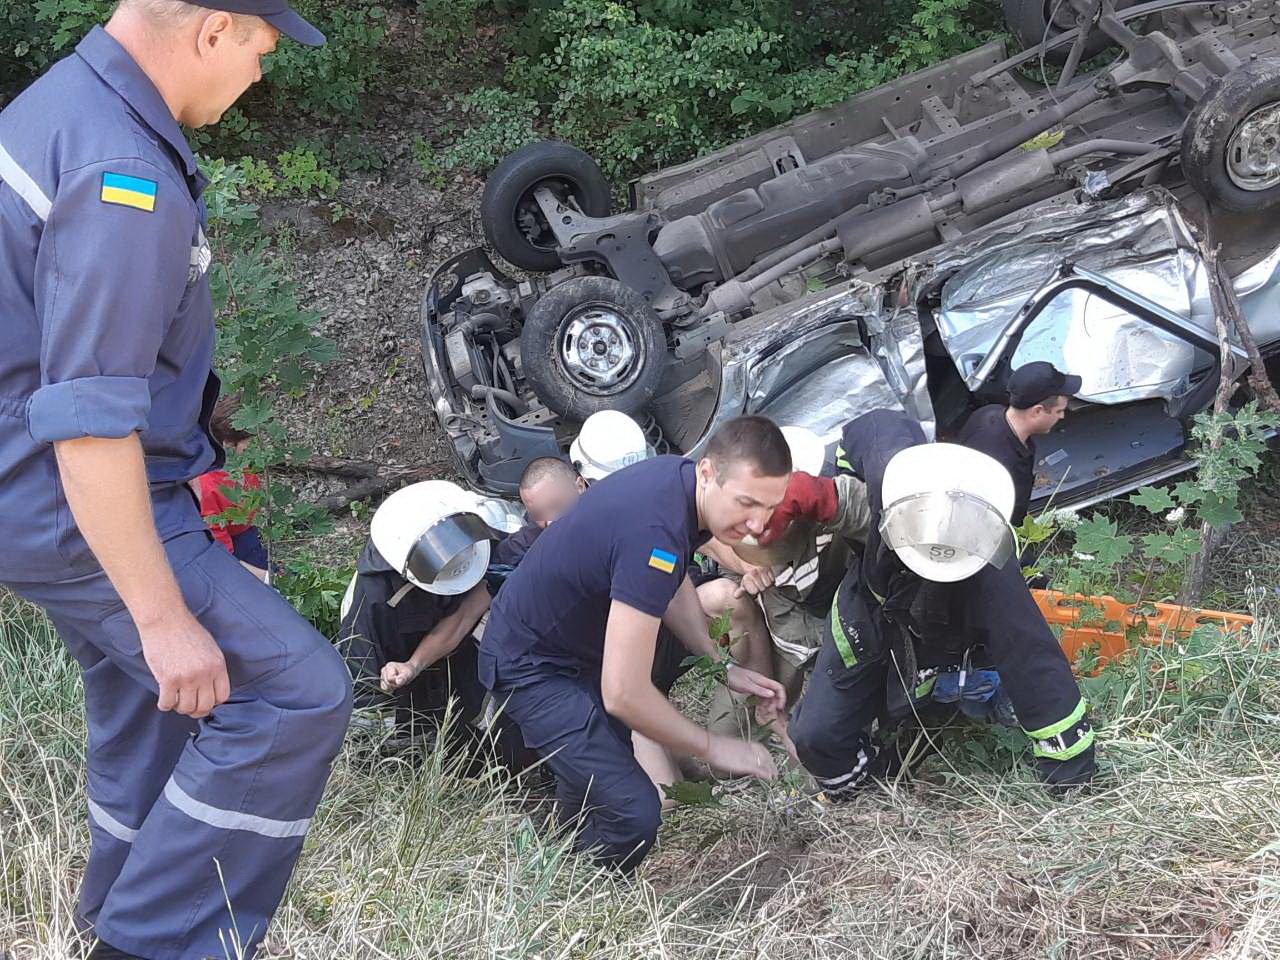 Под Харьковом жуткая авария с перевернутой машиной в кювете: один человек погиб и несколько пострадали, - ФОТО, фото-1